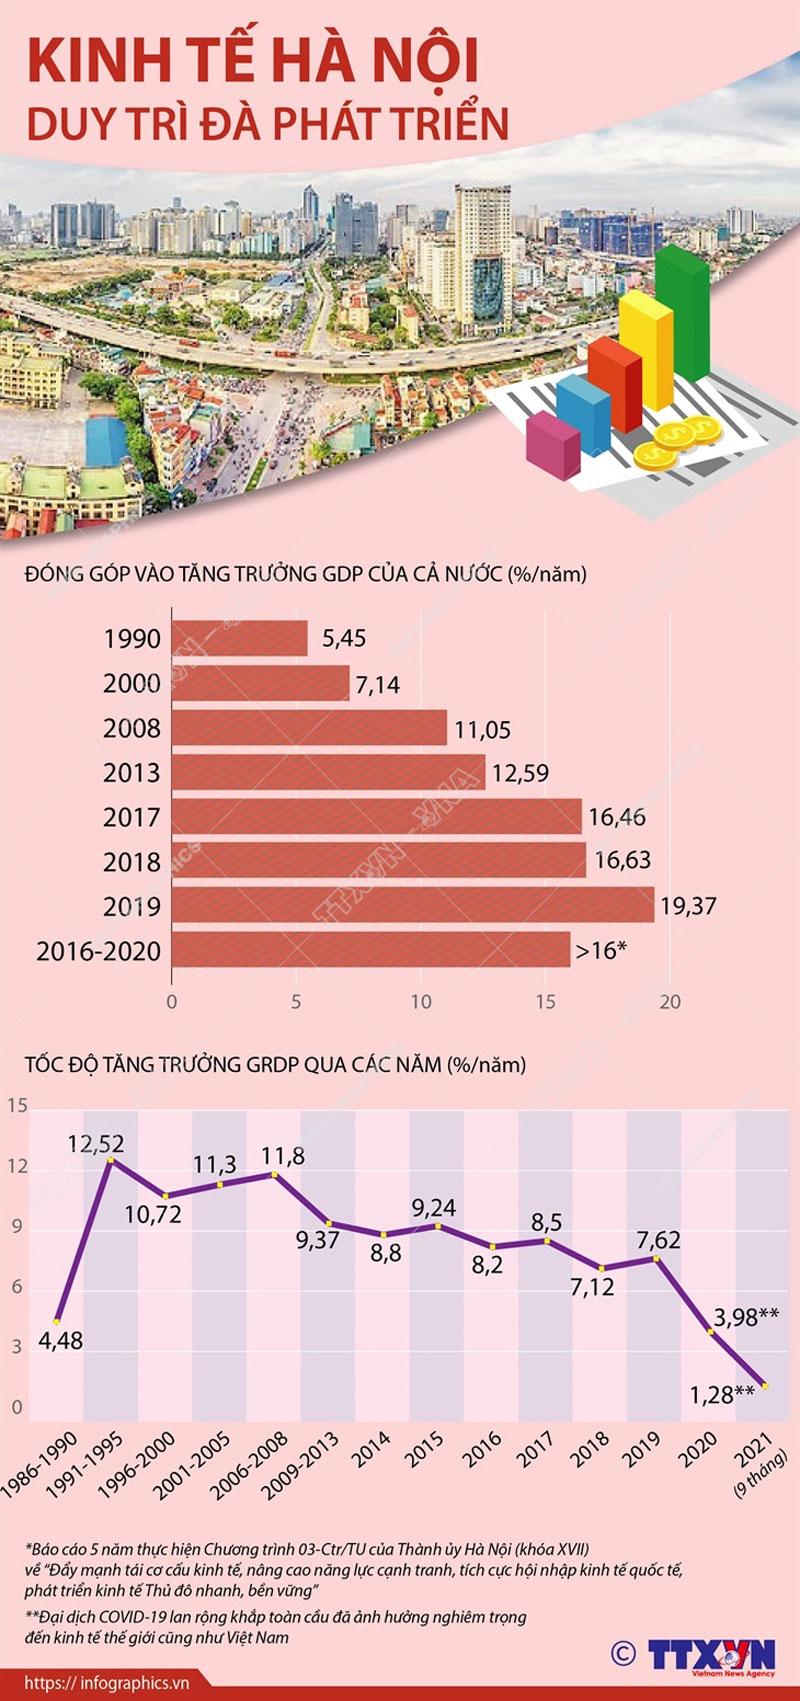 Kinh tế Hà Nội duy trì đà tăng trưởng - Ảnh 1.